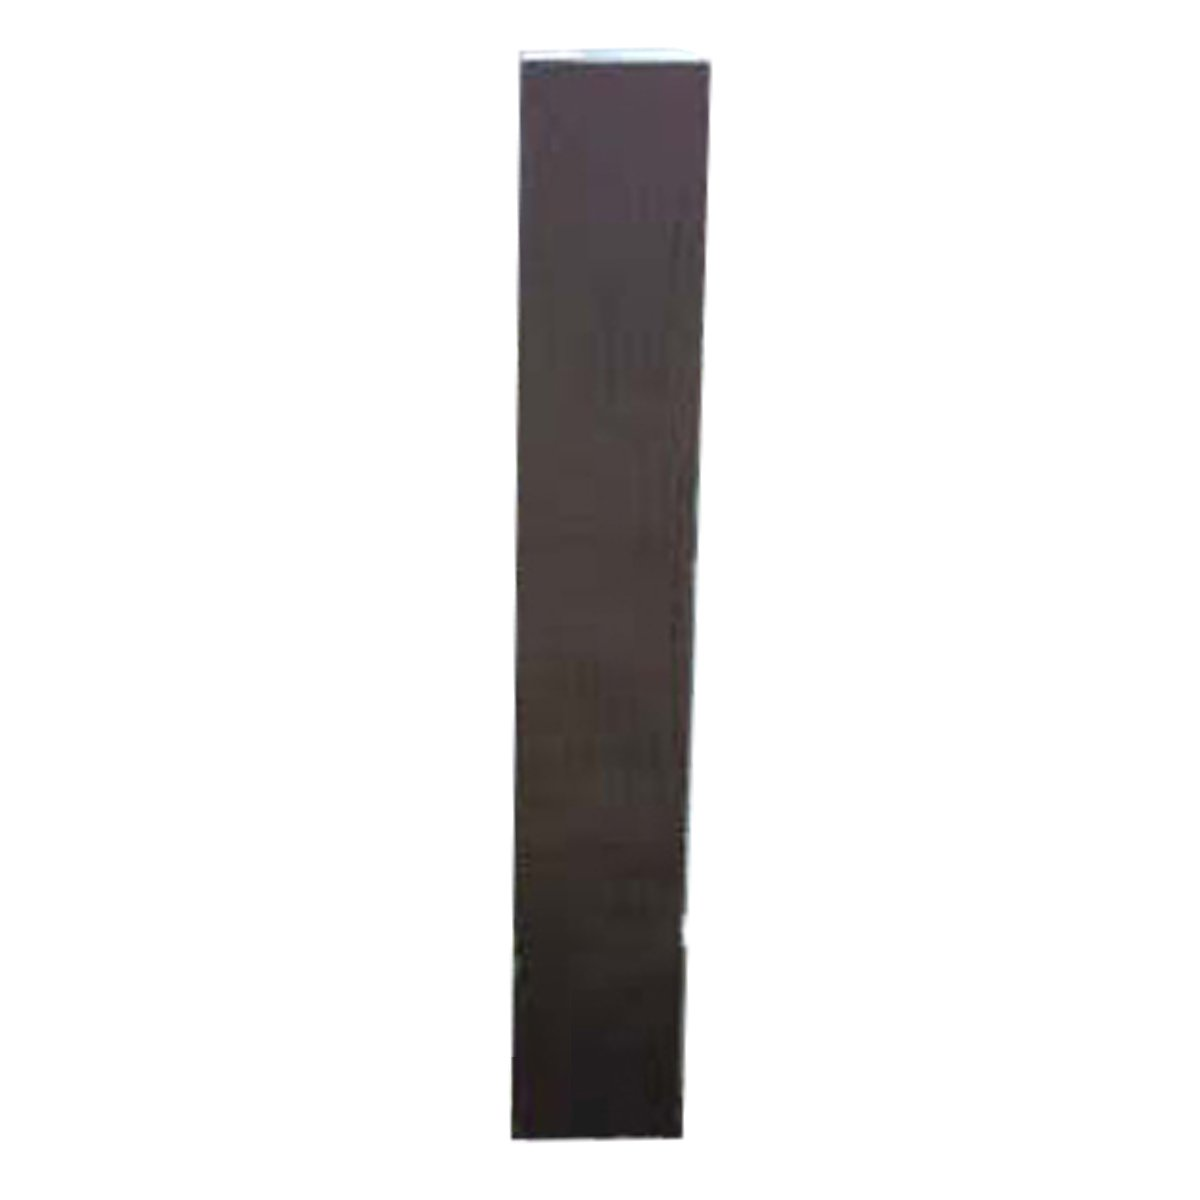 旭興進 FRP軽量樹脂枕木1813(高さ180厚さ13cm) AKS-65462 B006YK26N4